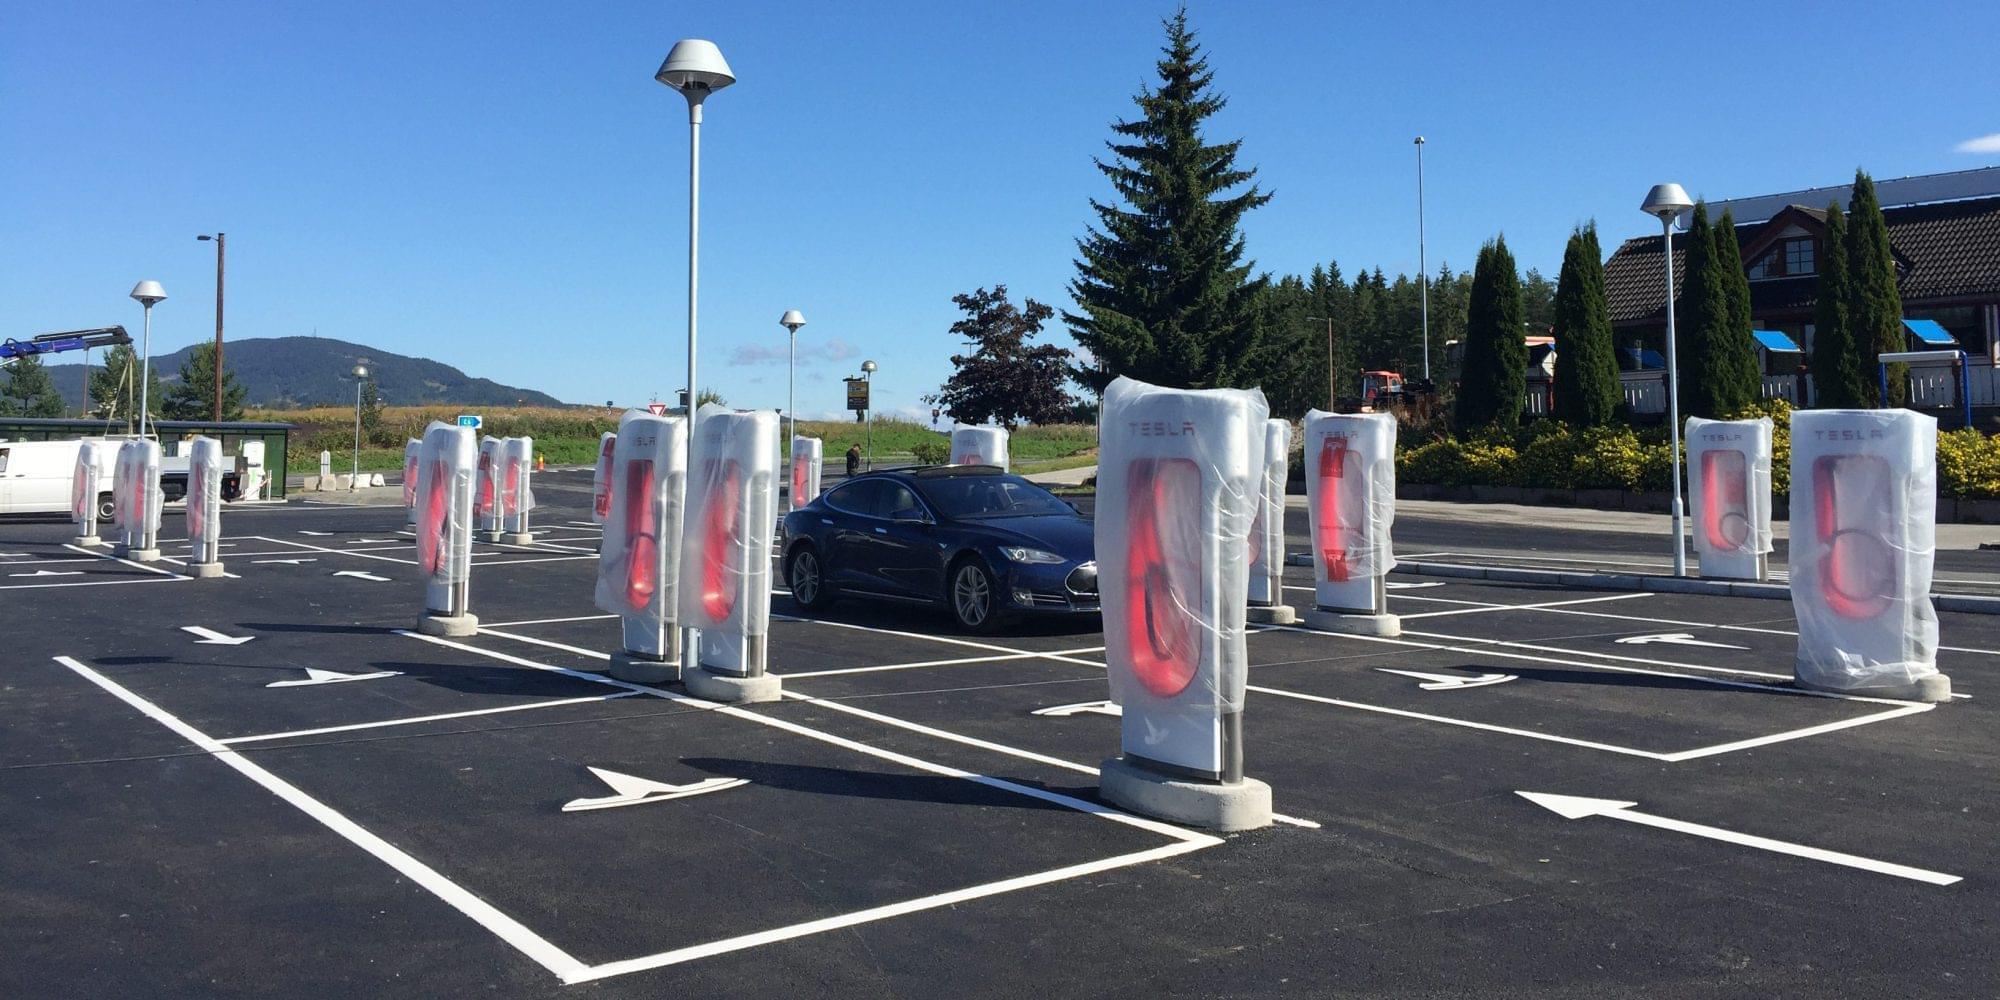 应对Model 3大量上市 特斯拉加速扩建充电网络